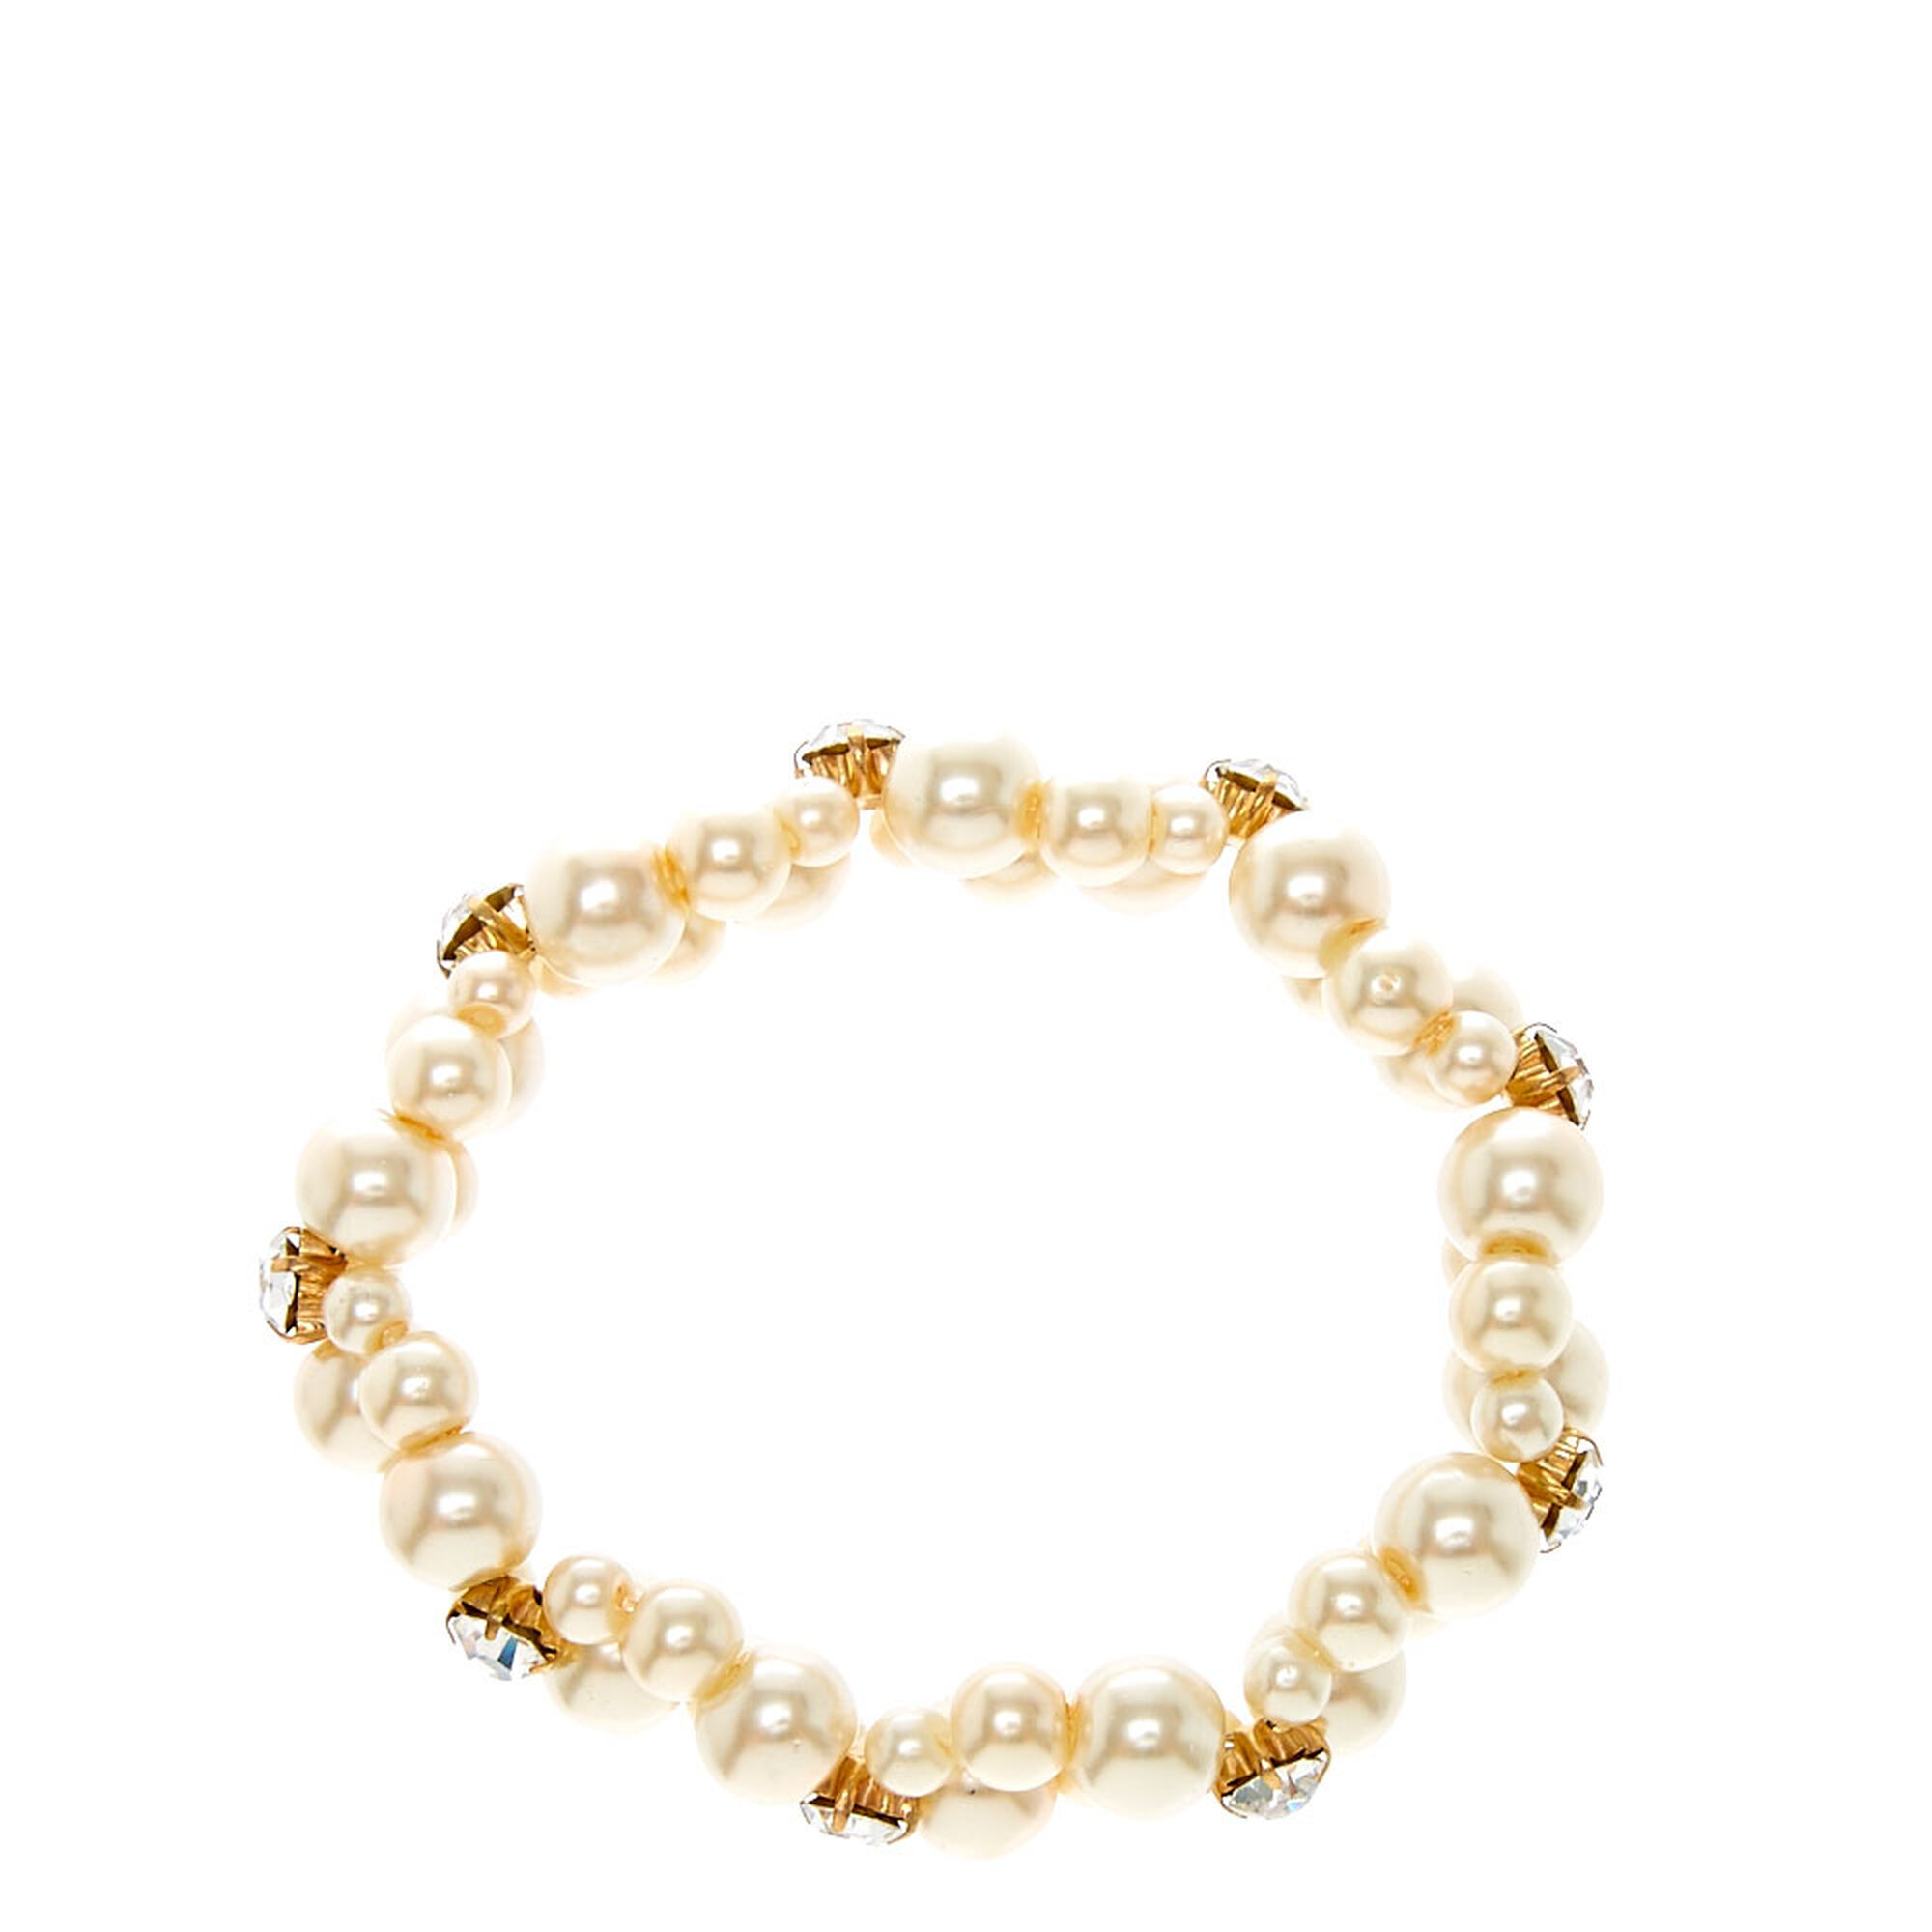 b84dfdd3a8cbf Double Row Faux Ivory Pearl Bracelet